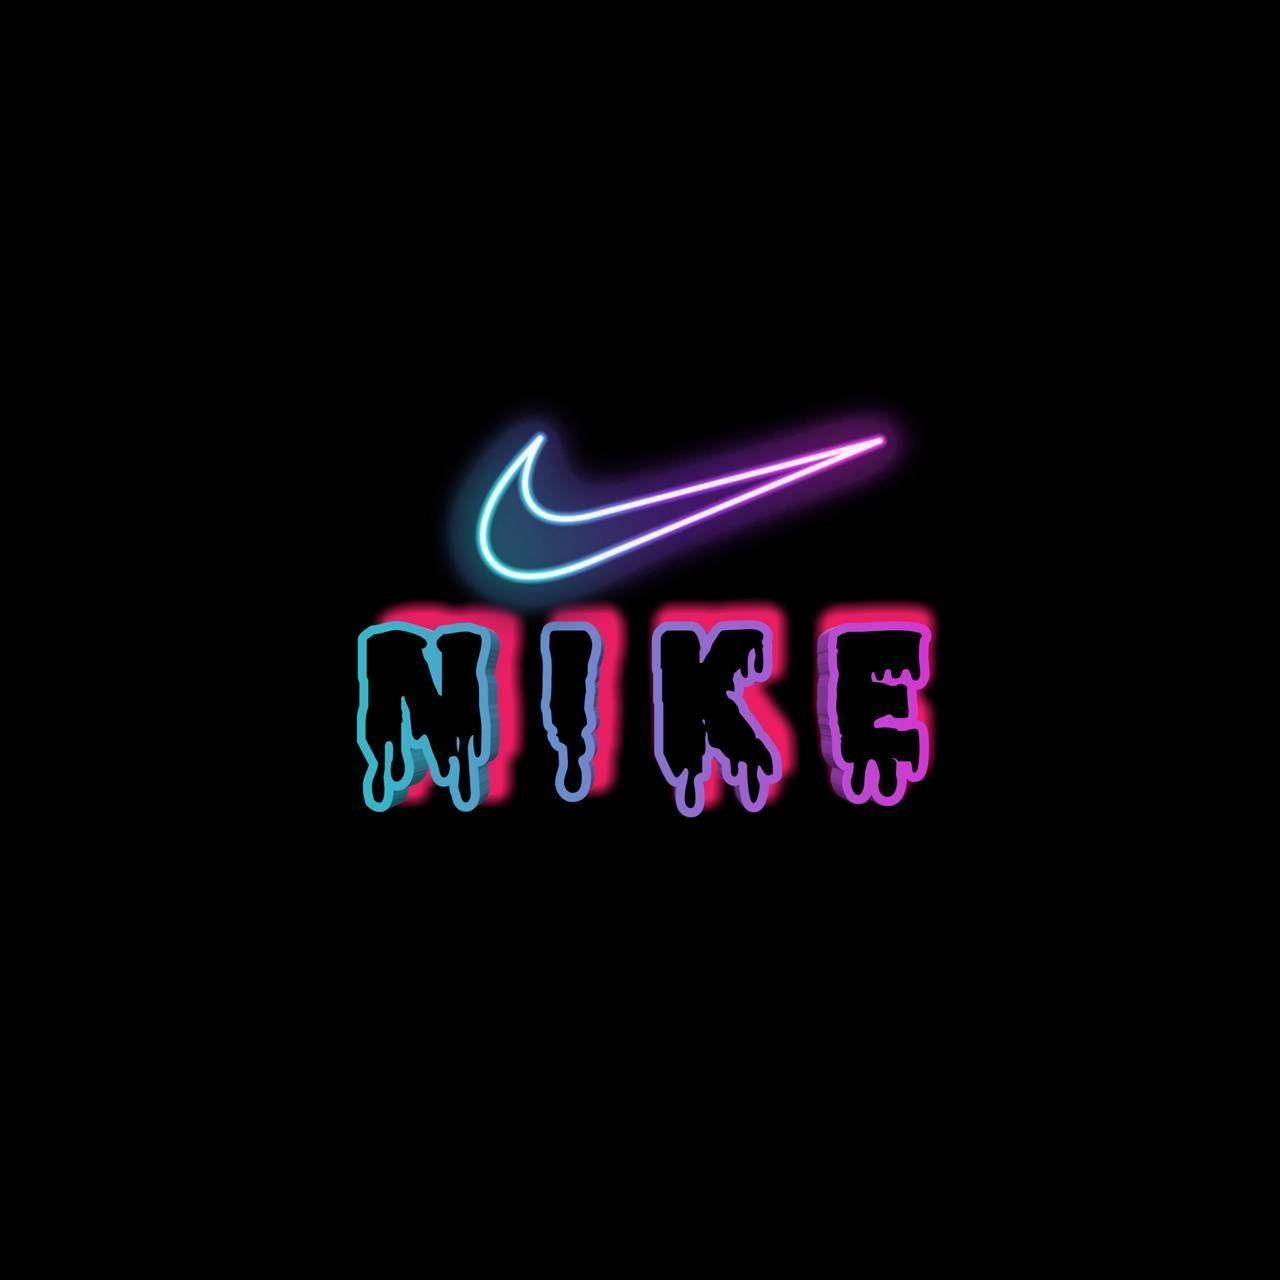 Coole Nike Zeichen